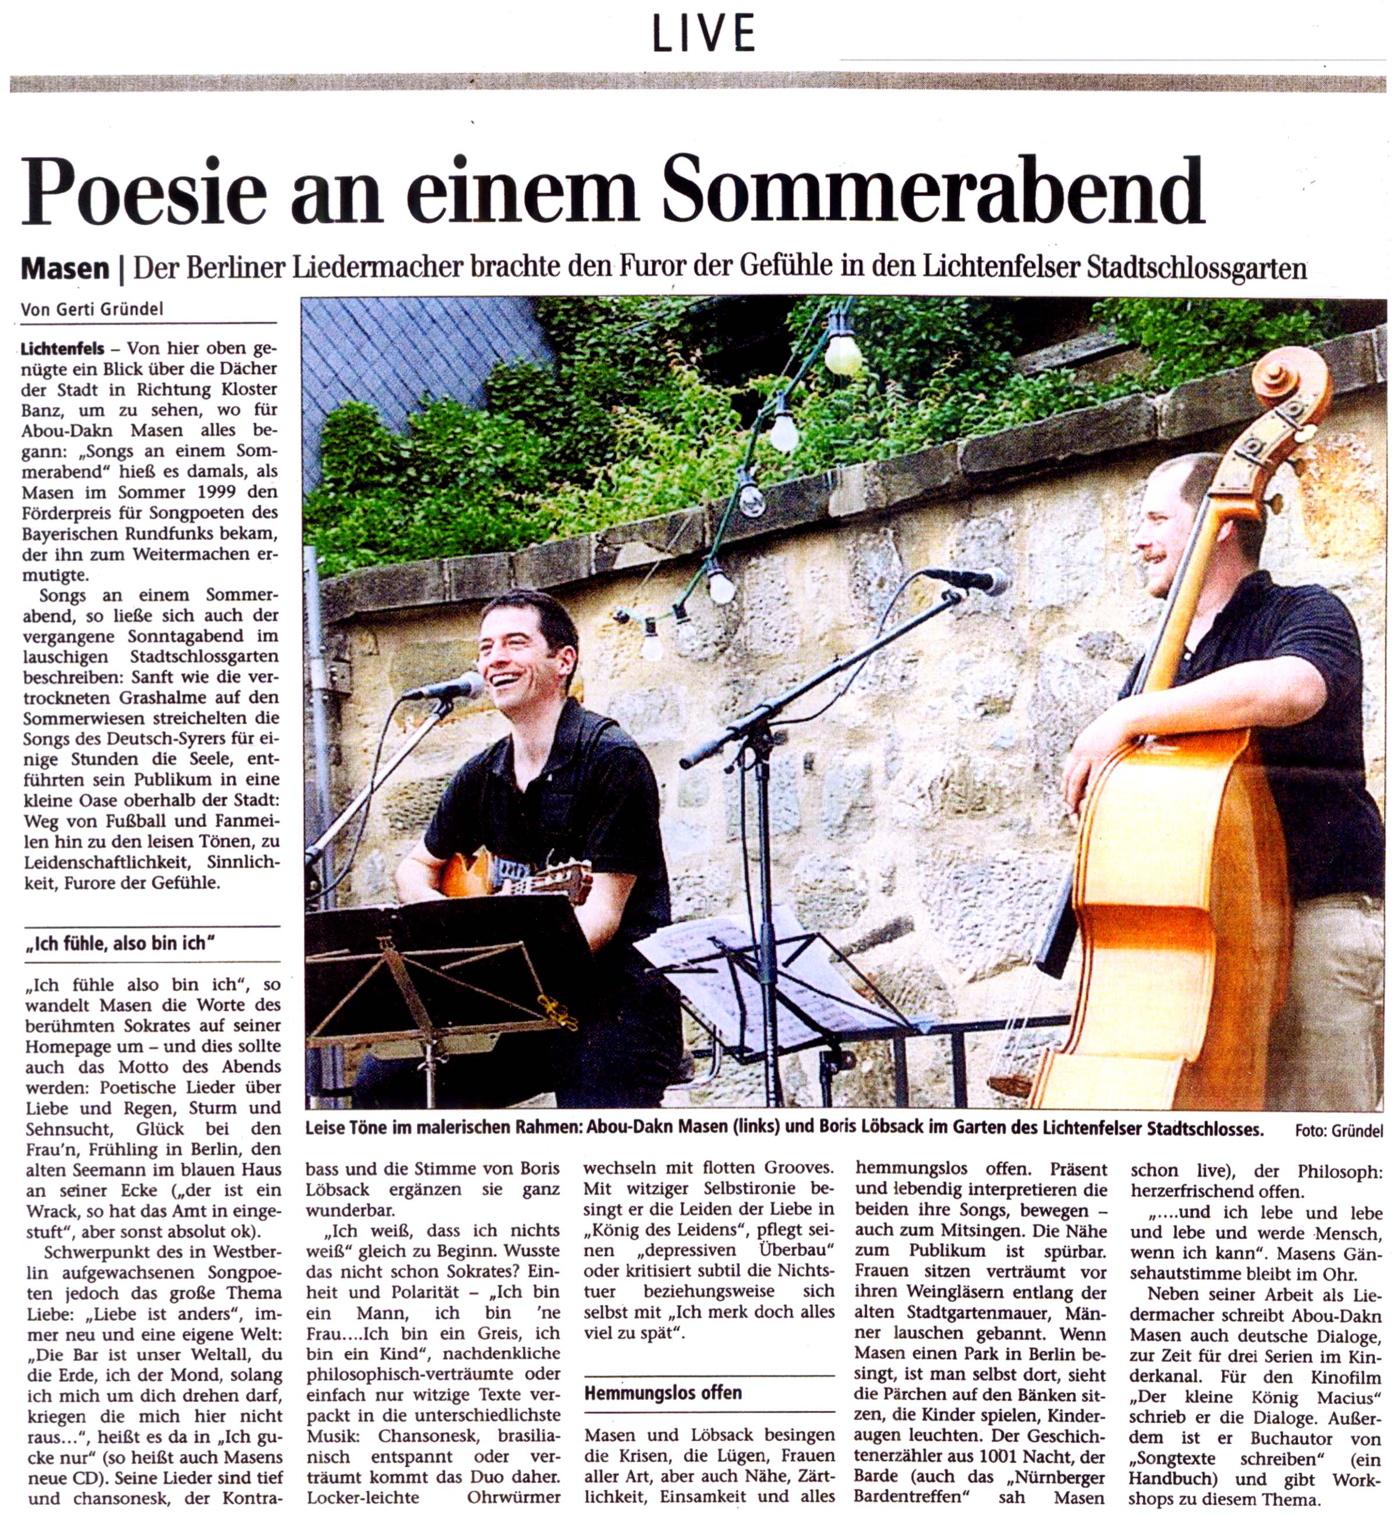 Masen 24.6.2008 in Lichtenfels